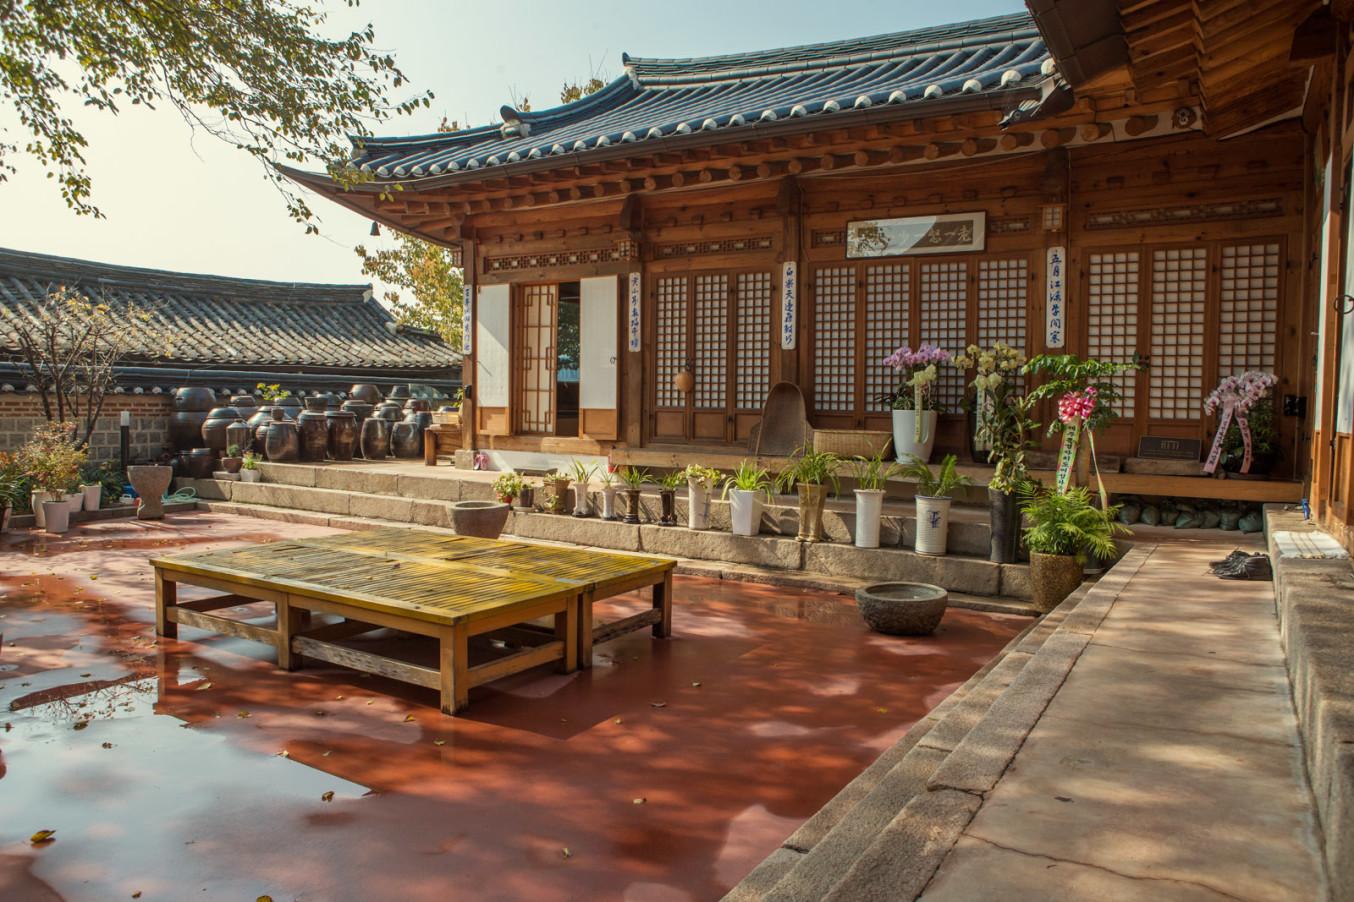 #2_OW_0031_Wooden Hanok House